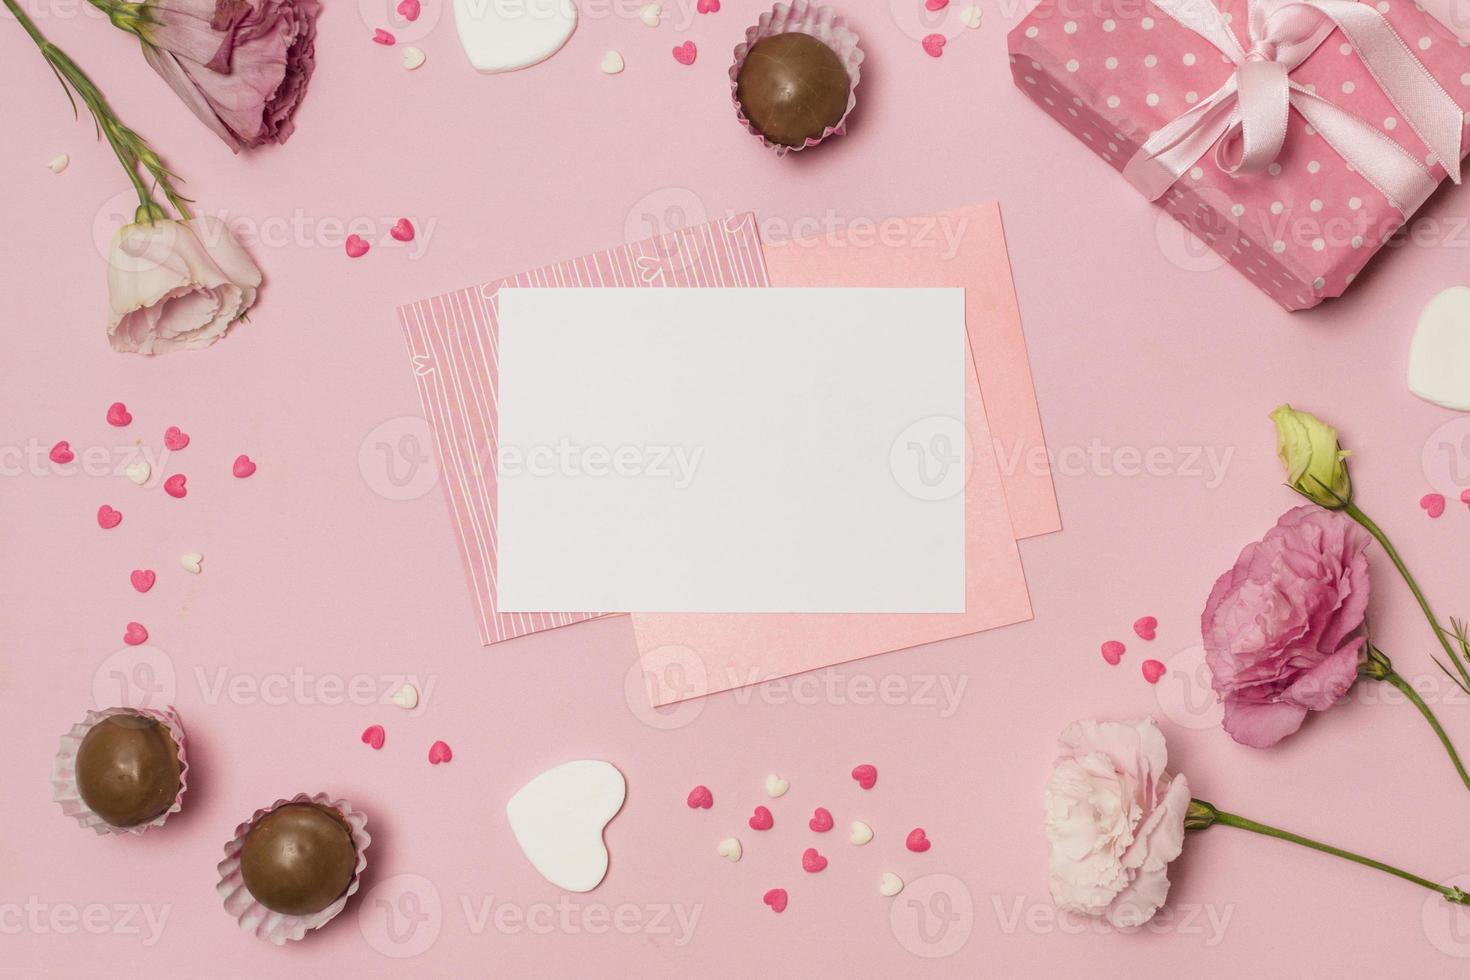 cuori, dolci, confezione regalo e fiori foto